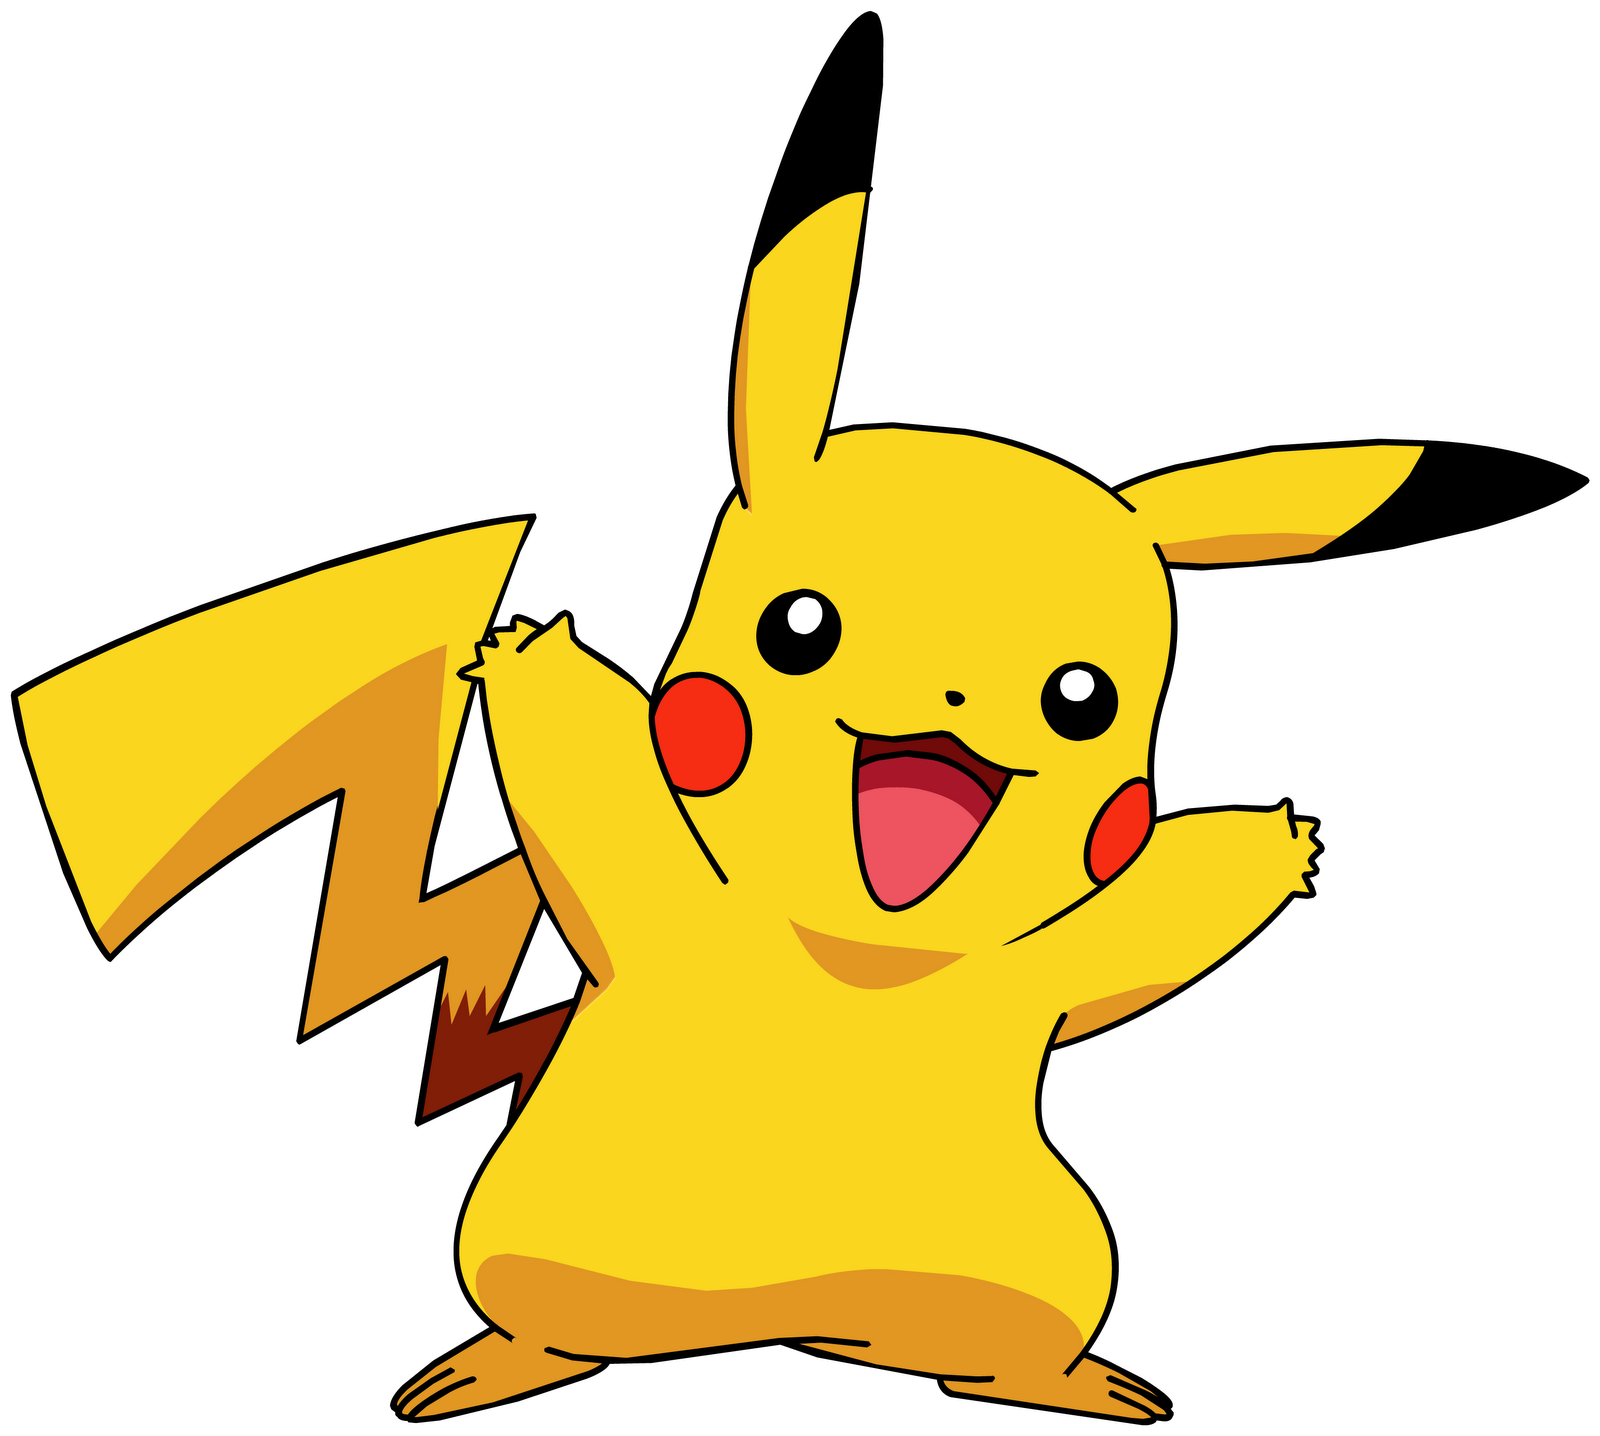 Pokeball clipart rare. Afbeeldingsresultaat voor pokemon plaatjes